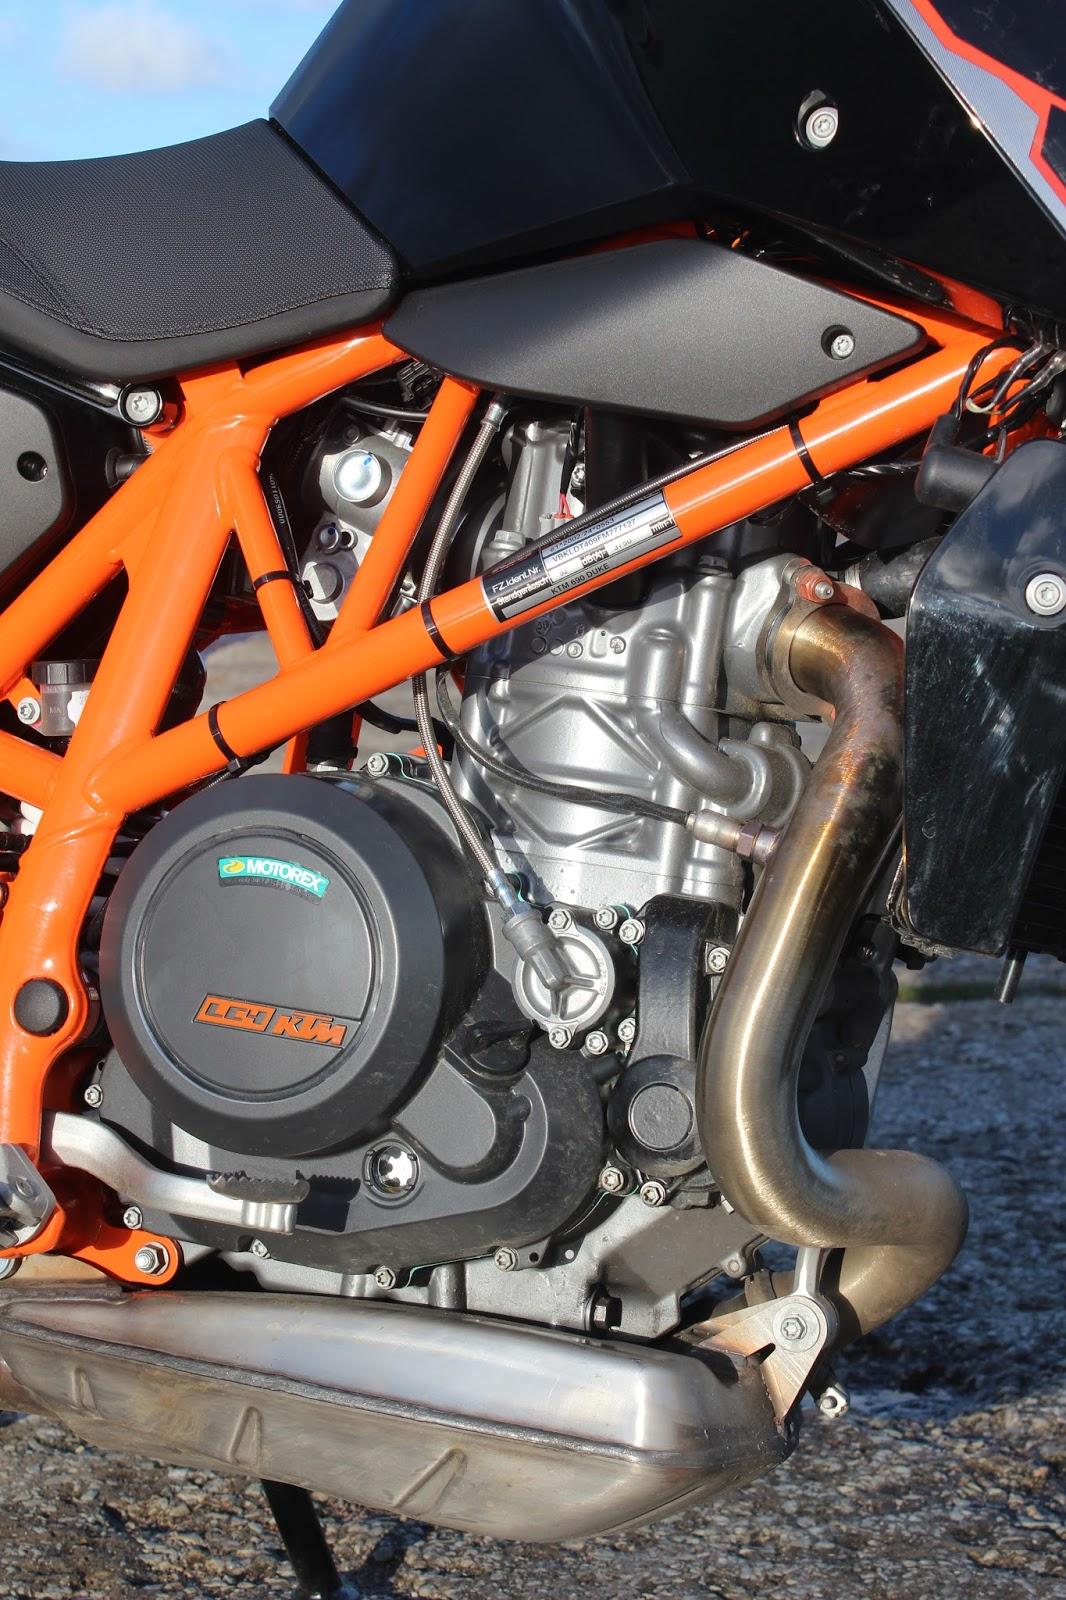 23c13c7d777 KTM 690 Duke on särtsaka välimusega kerge mehine ühesilindriline  naked-ratas. See teeb mehist häält ja vibreerib, aga sellegipoolest pakub  palju ehedat ...